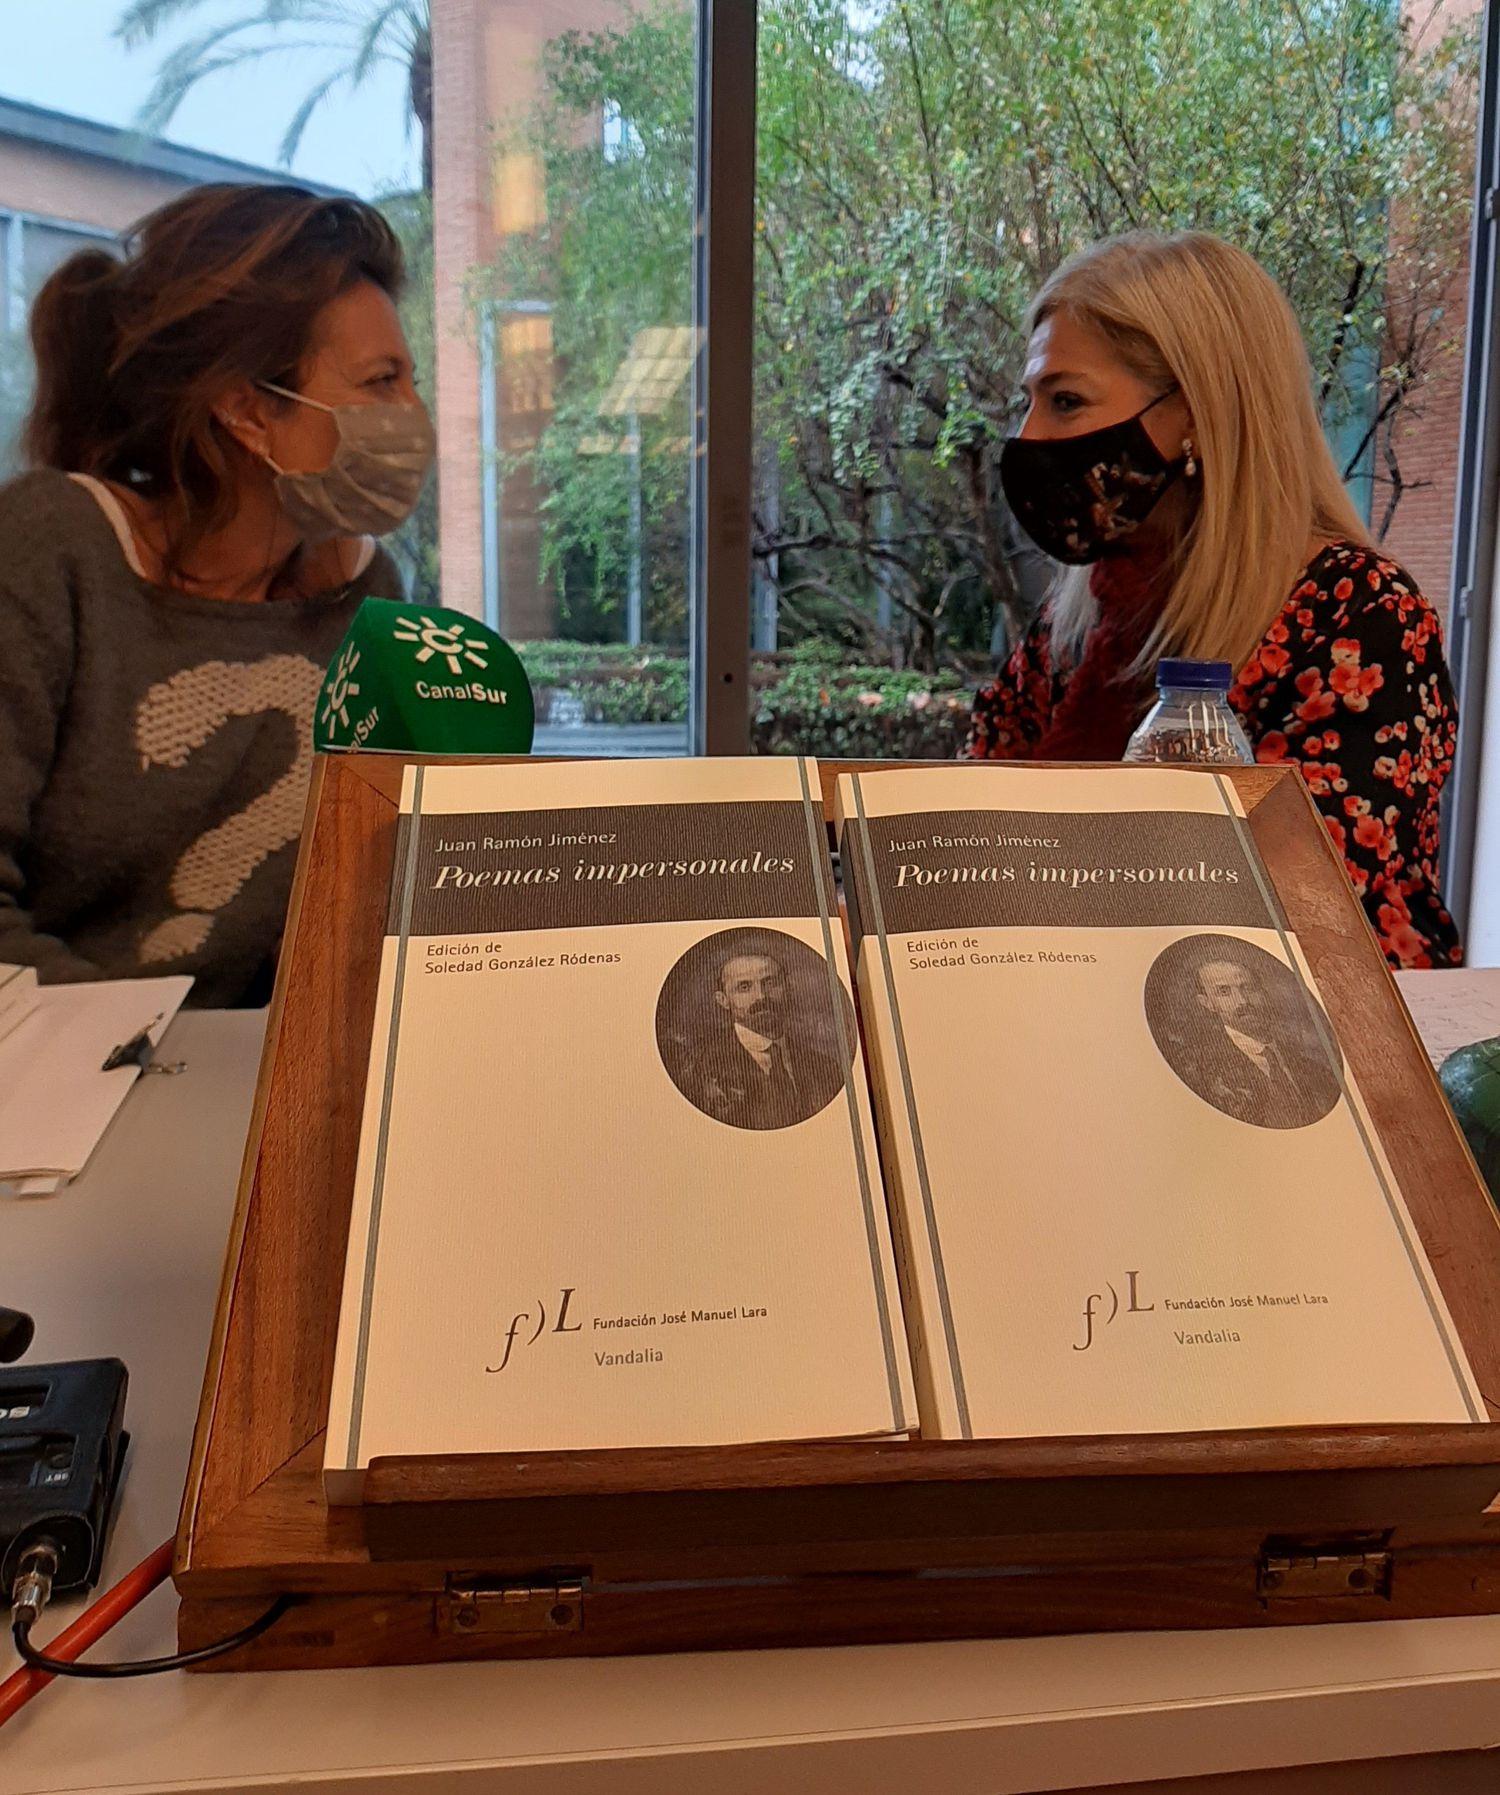 A la izquierda, Rosa García Gutiérrez, directora de la Cátedra Juan Ramón Jiménez, y Patricia del Pozo, consejera de Cultura de la Junta de Andalucía, este jueves en Sevilla en la presentación de 'Poemas Impersonales', de Juan Ramón Jiménez.